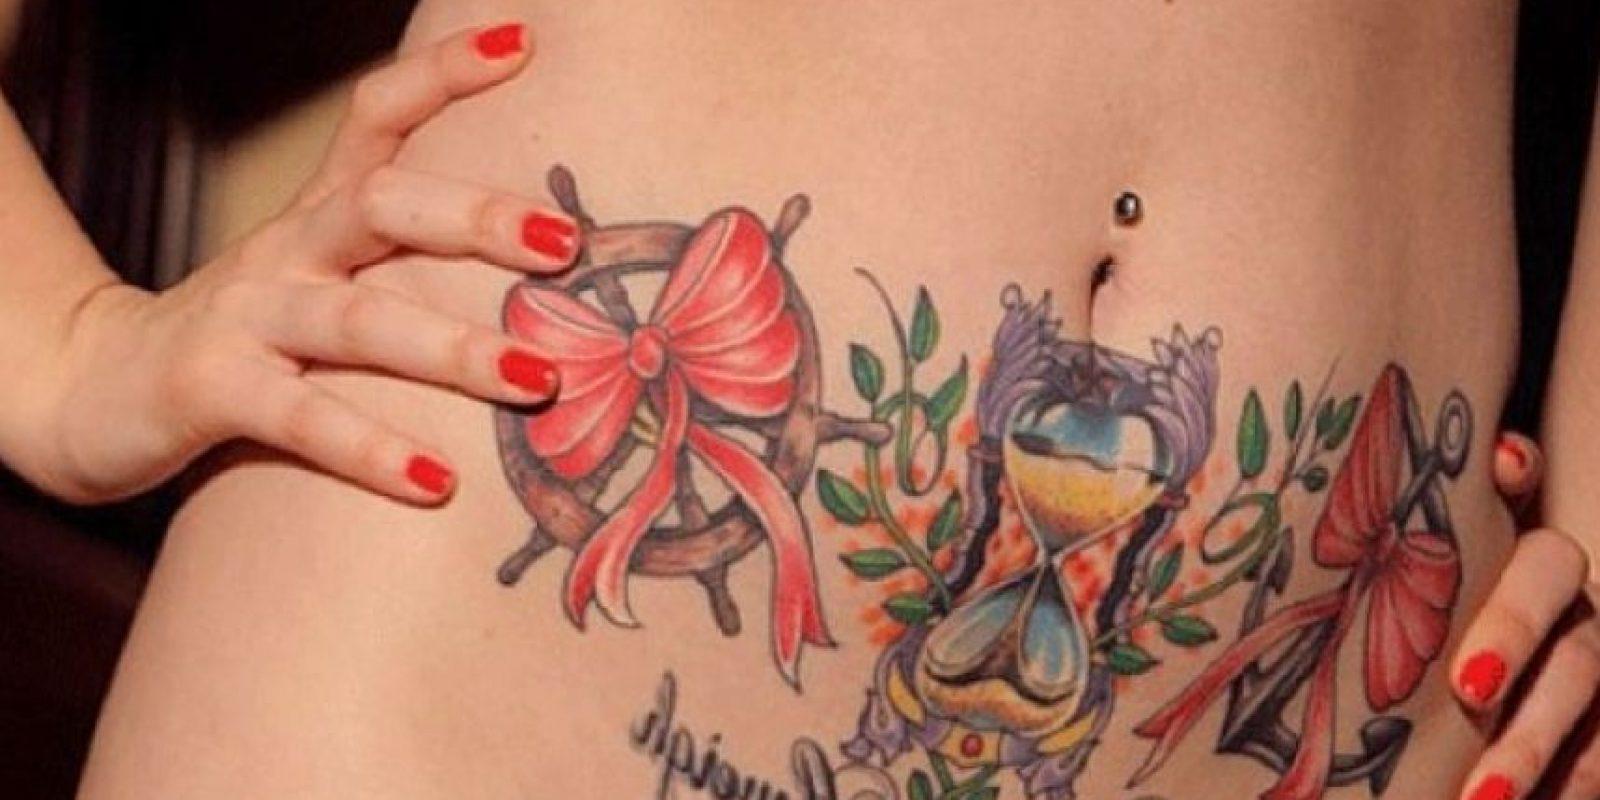 Cuando dicho análisis se iluminó, los médicos asumieron que el cáncer se había propagado por medio de los ganglios linfáticos hacia el cuello del útero y Trompas de Falopio. Ante ello, retiraron sus órganos. Foto:Tumblr.com/Tagged-tatuaje